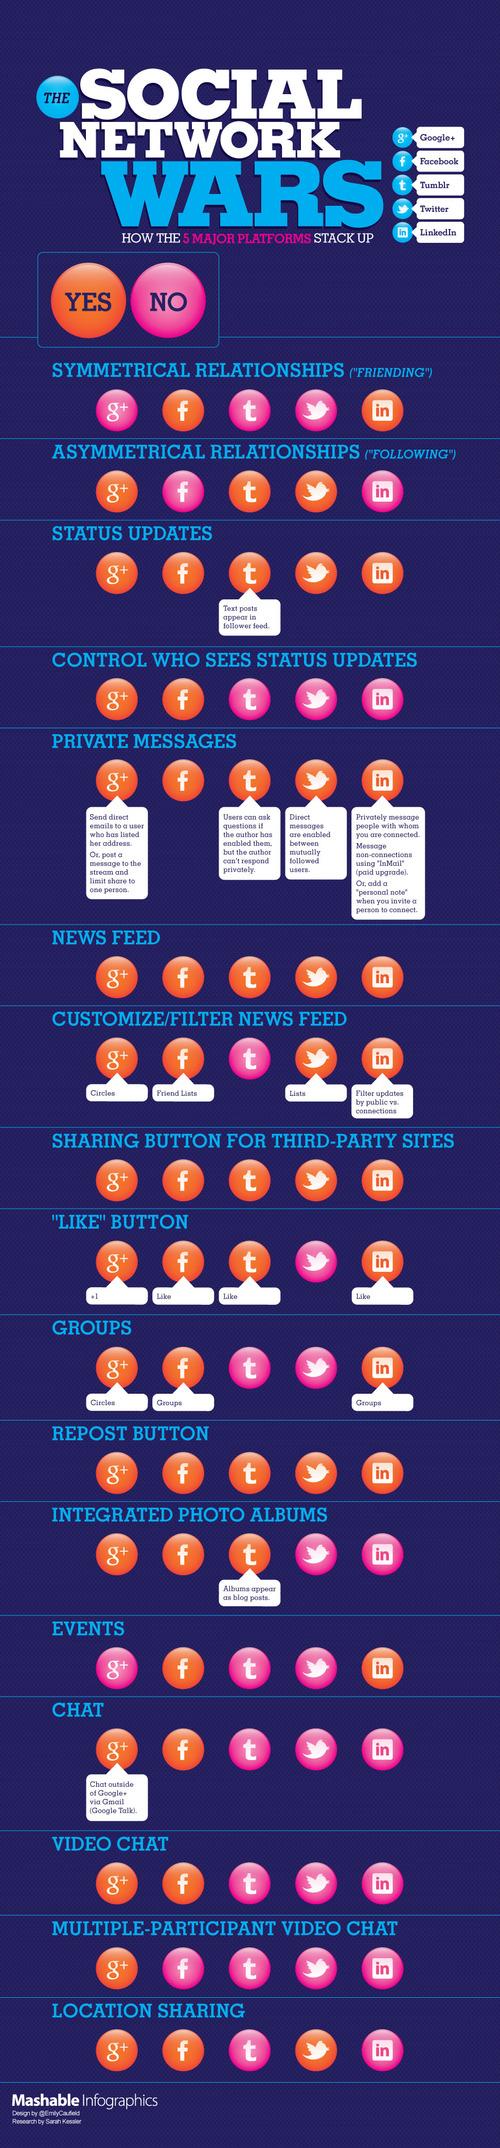 Social-network-comparison-mashable-infographics